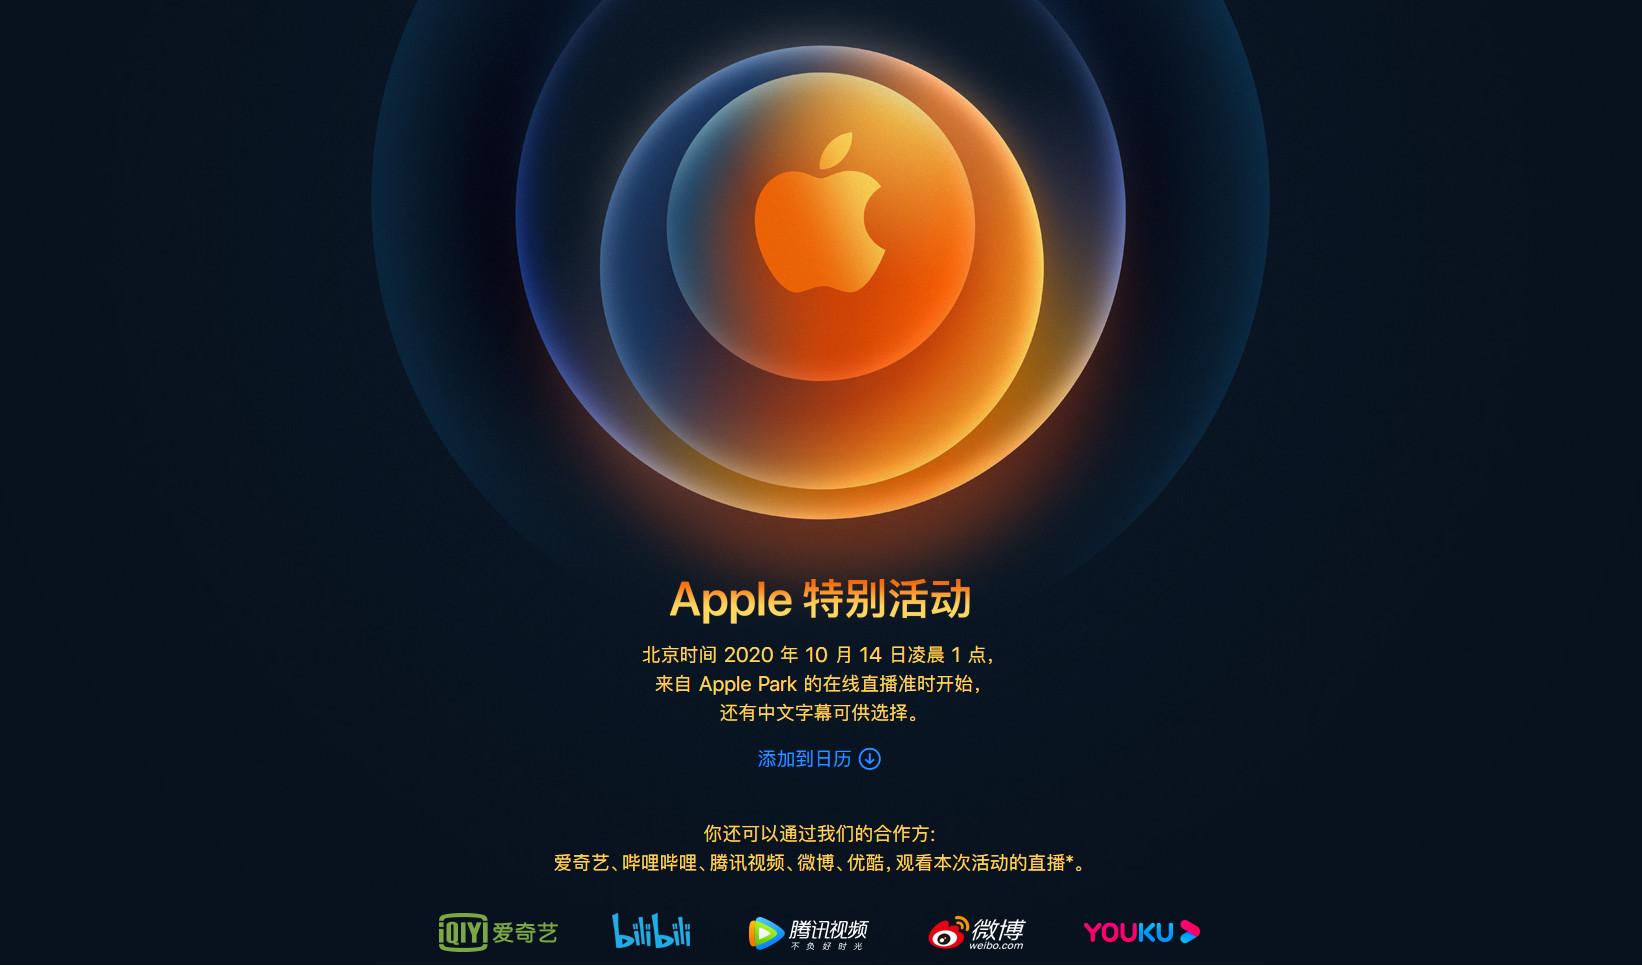 iPhone 12要来了!苹果新发布会10月14日凌晨1点举行